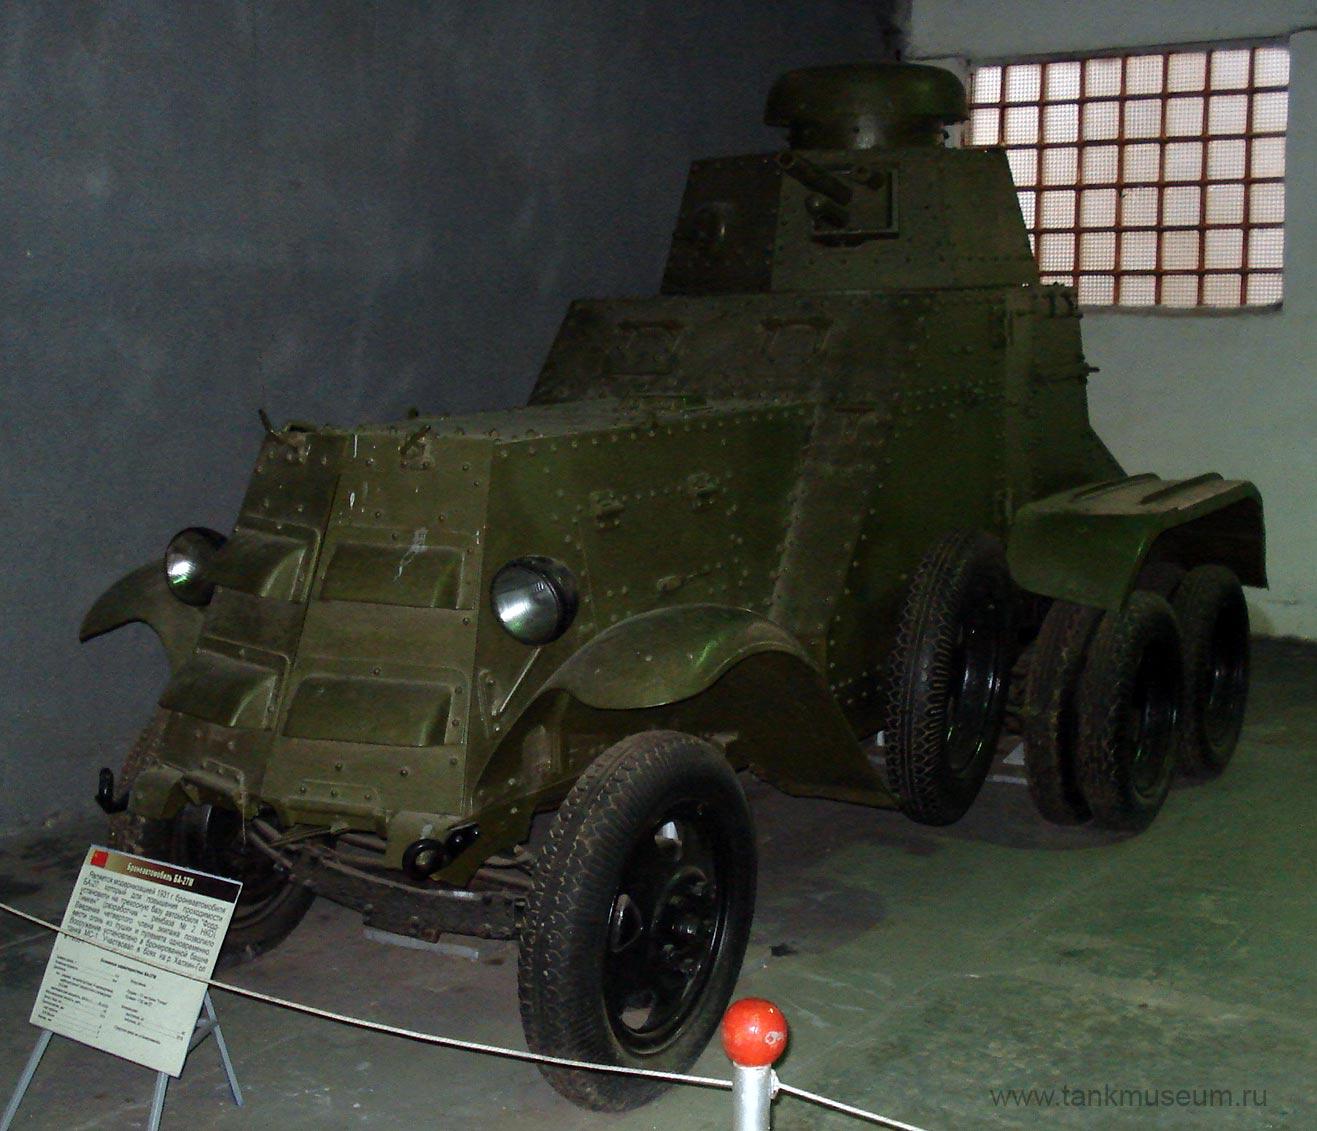 Бронеавтомобиль БА-27М, танковый музей в Кубинке